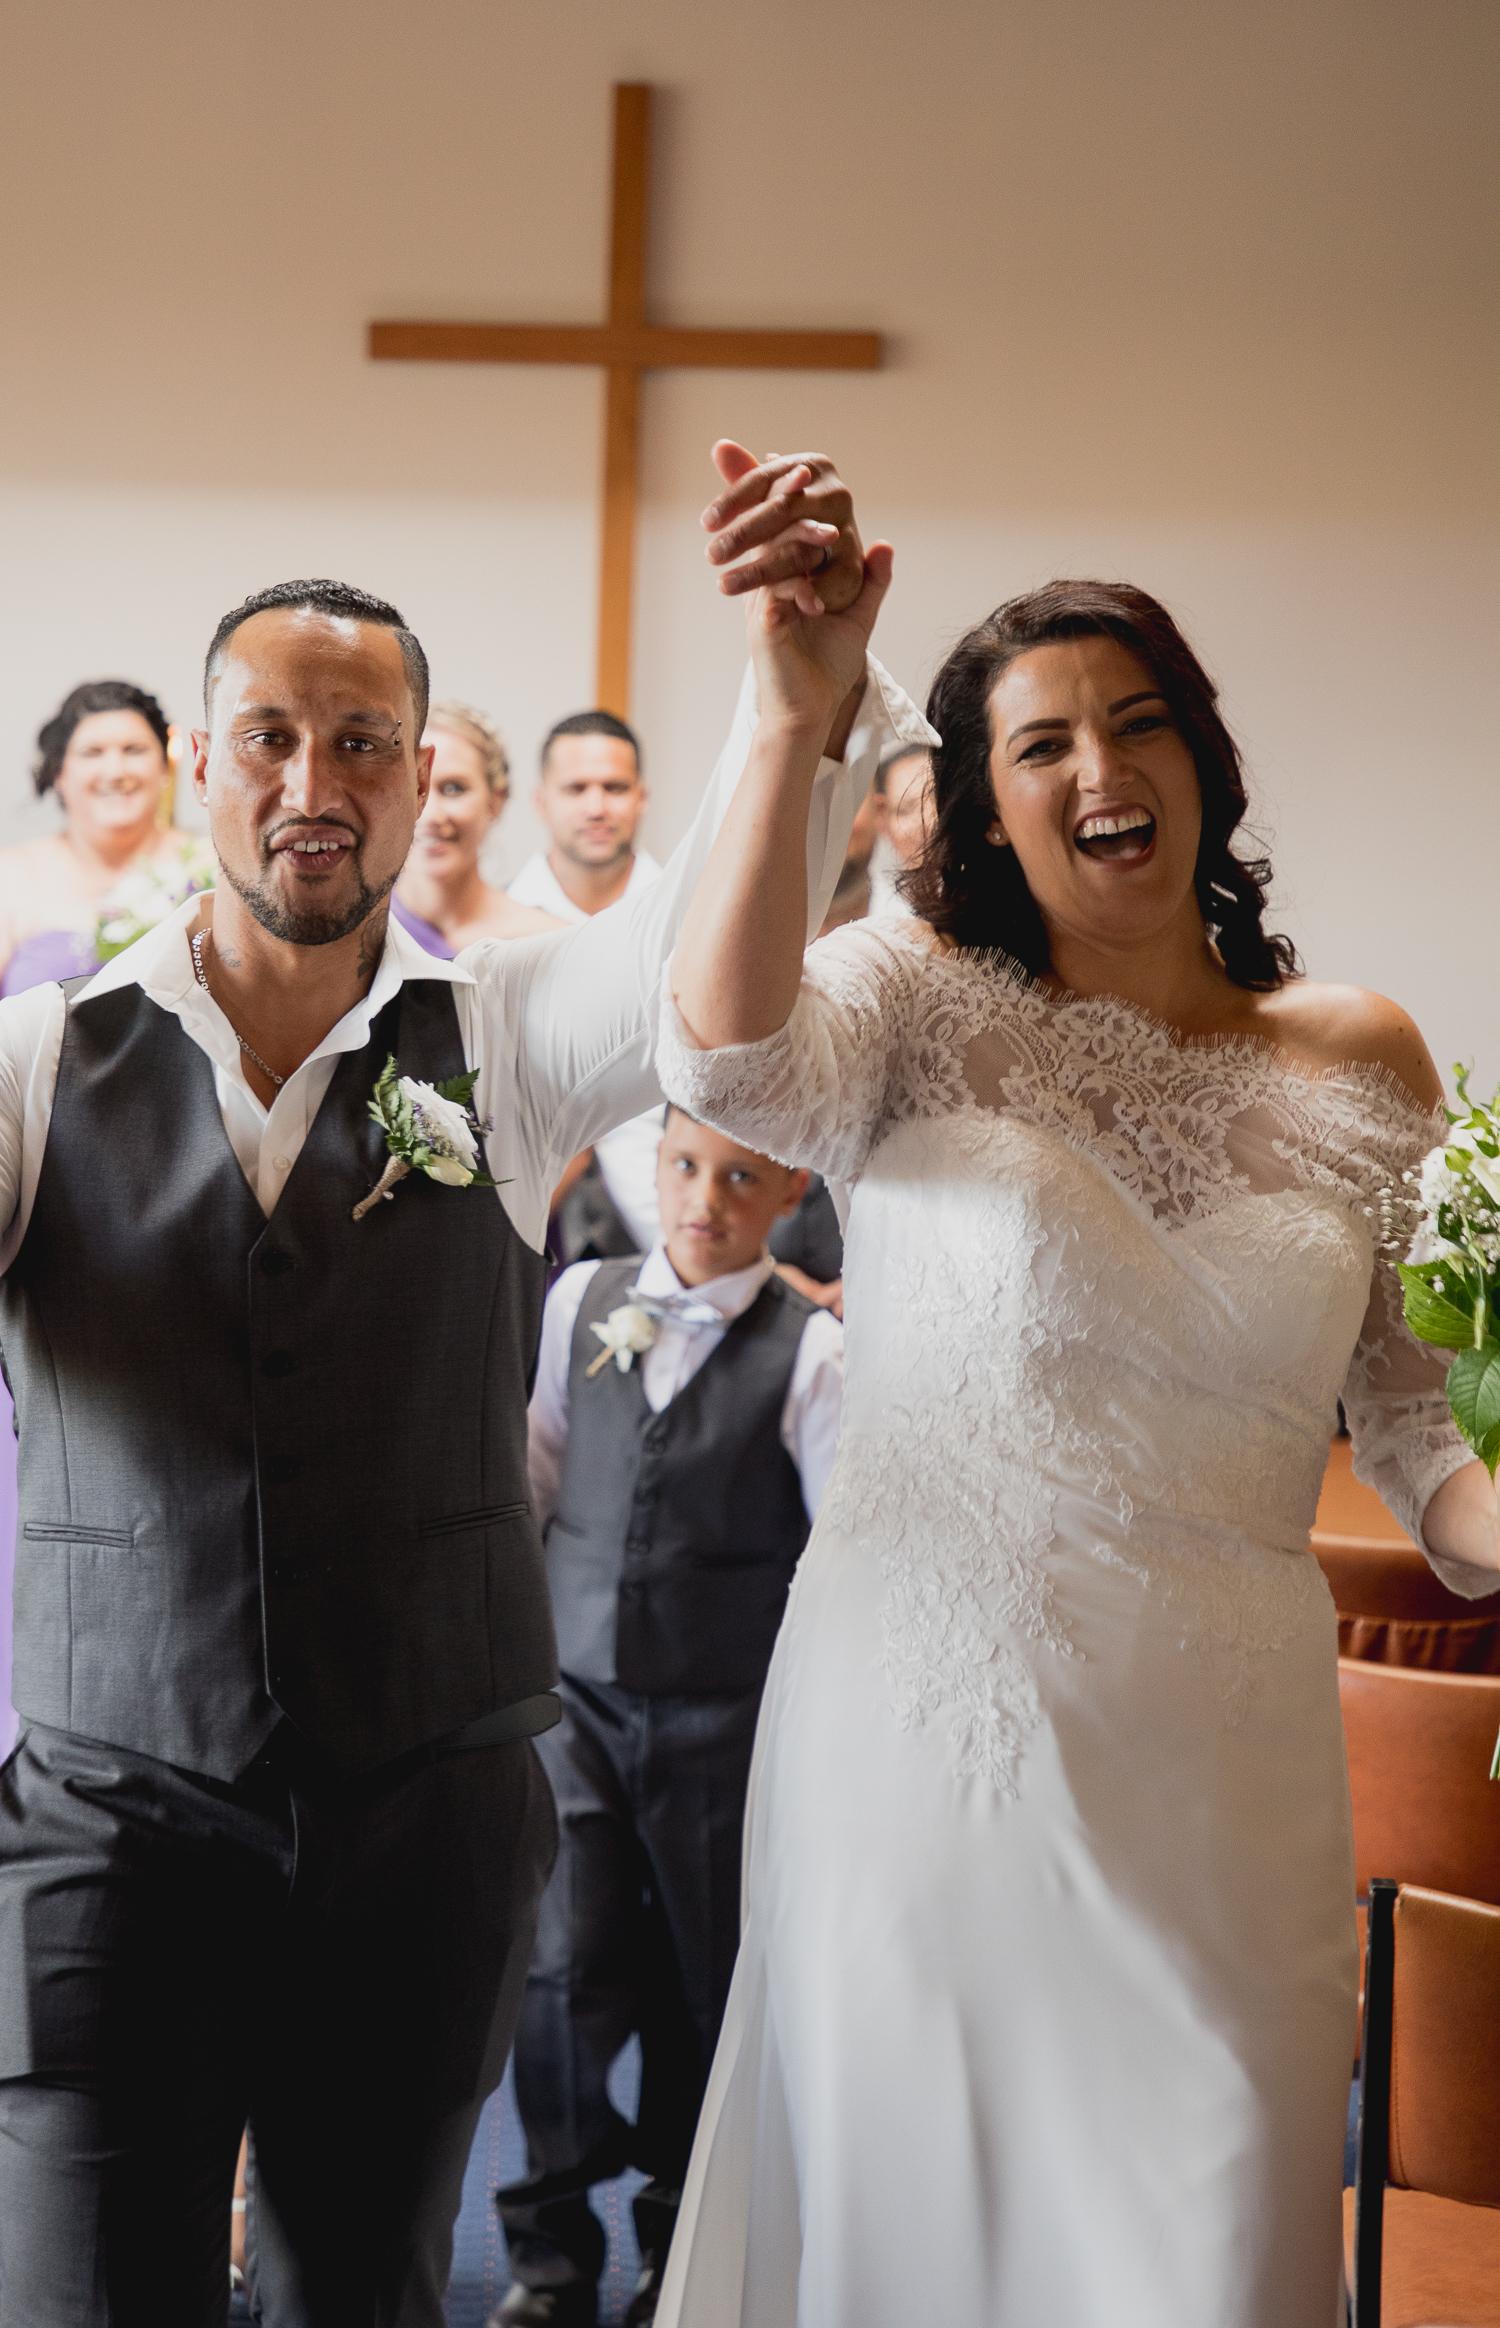 husband and wife walking down isle celebrating getting married